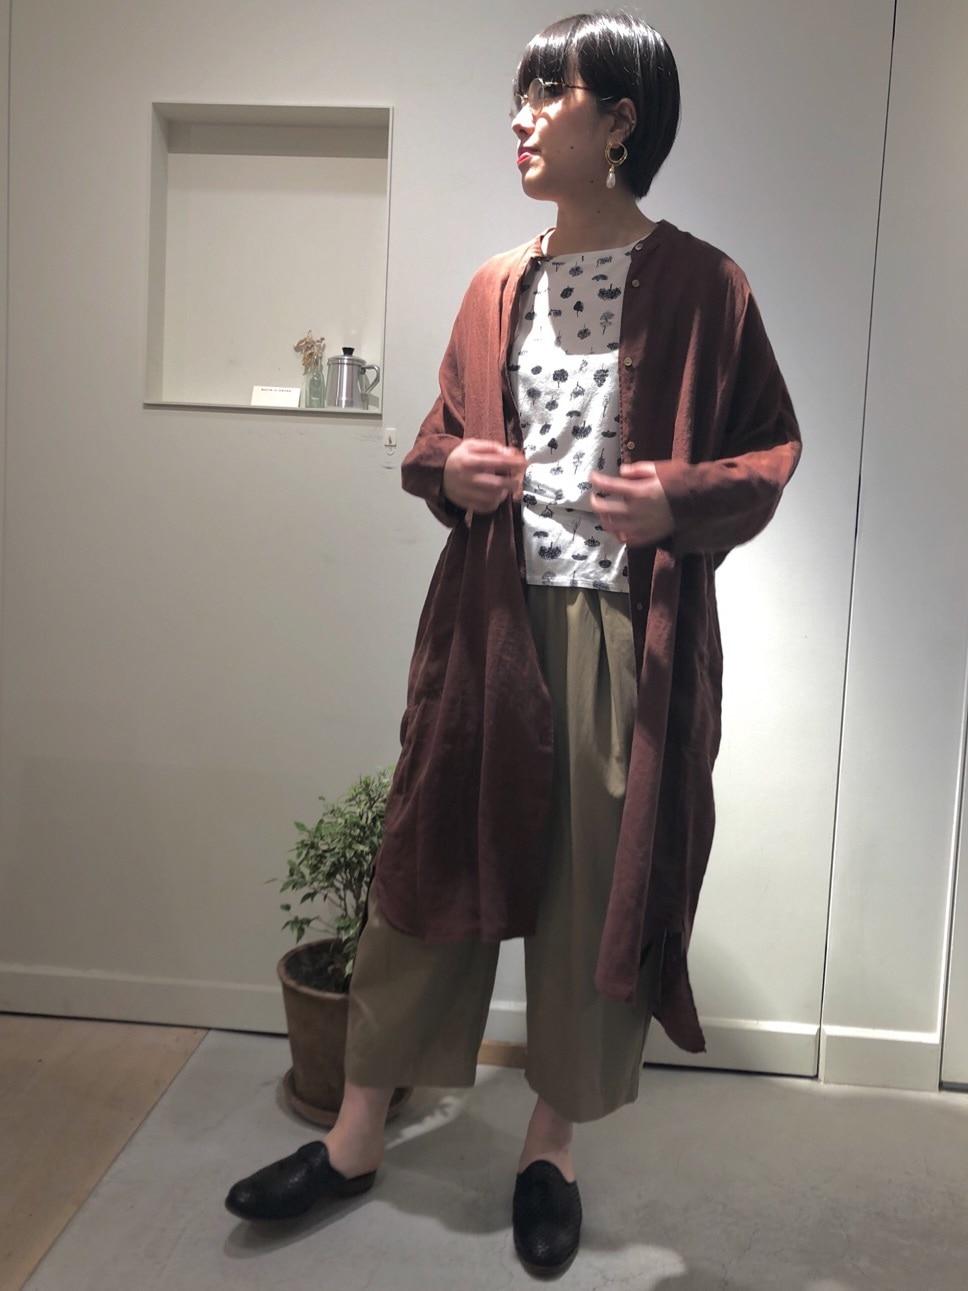 bulle de savon アトレ川崎 身長:168cm 2019.07.29